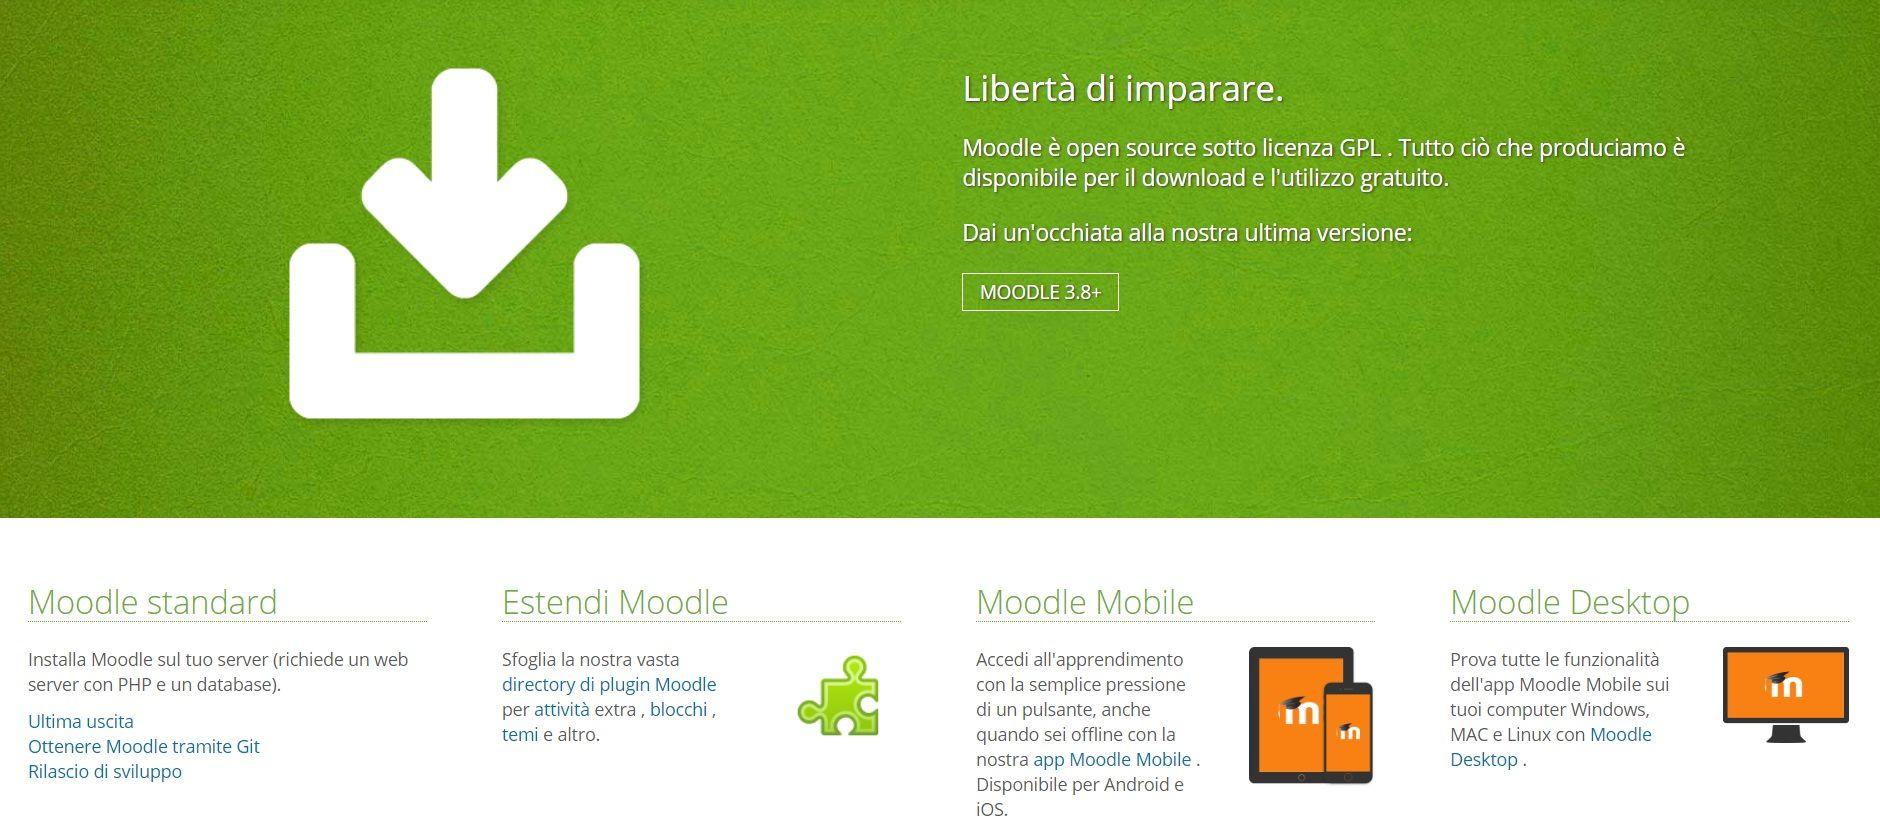 La schermata di installazione della piattaforma Moodle e le varie versioni possibili